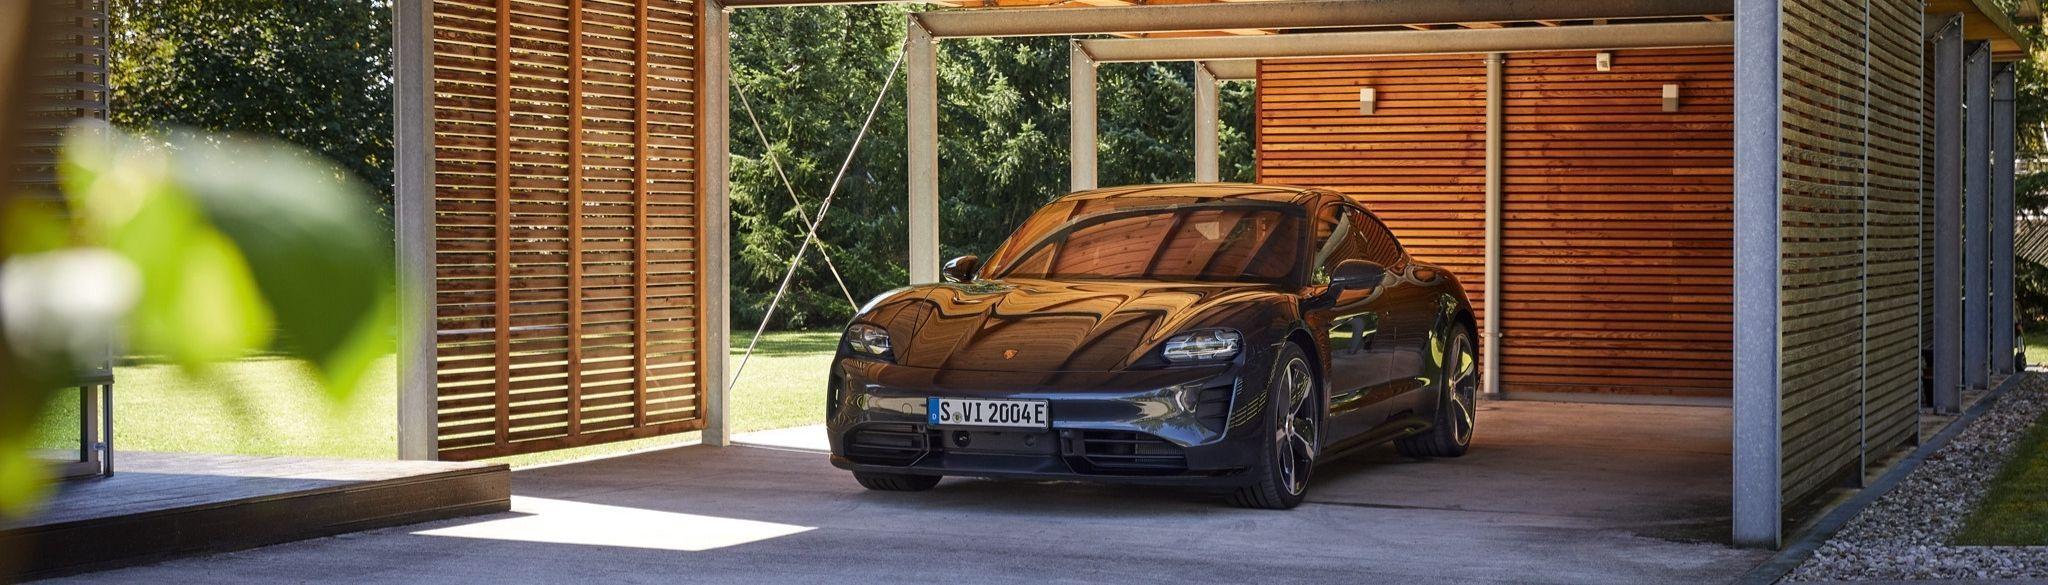 Porsche Taycan Garage